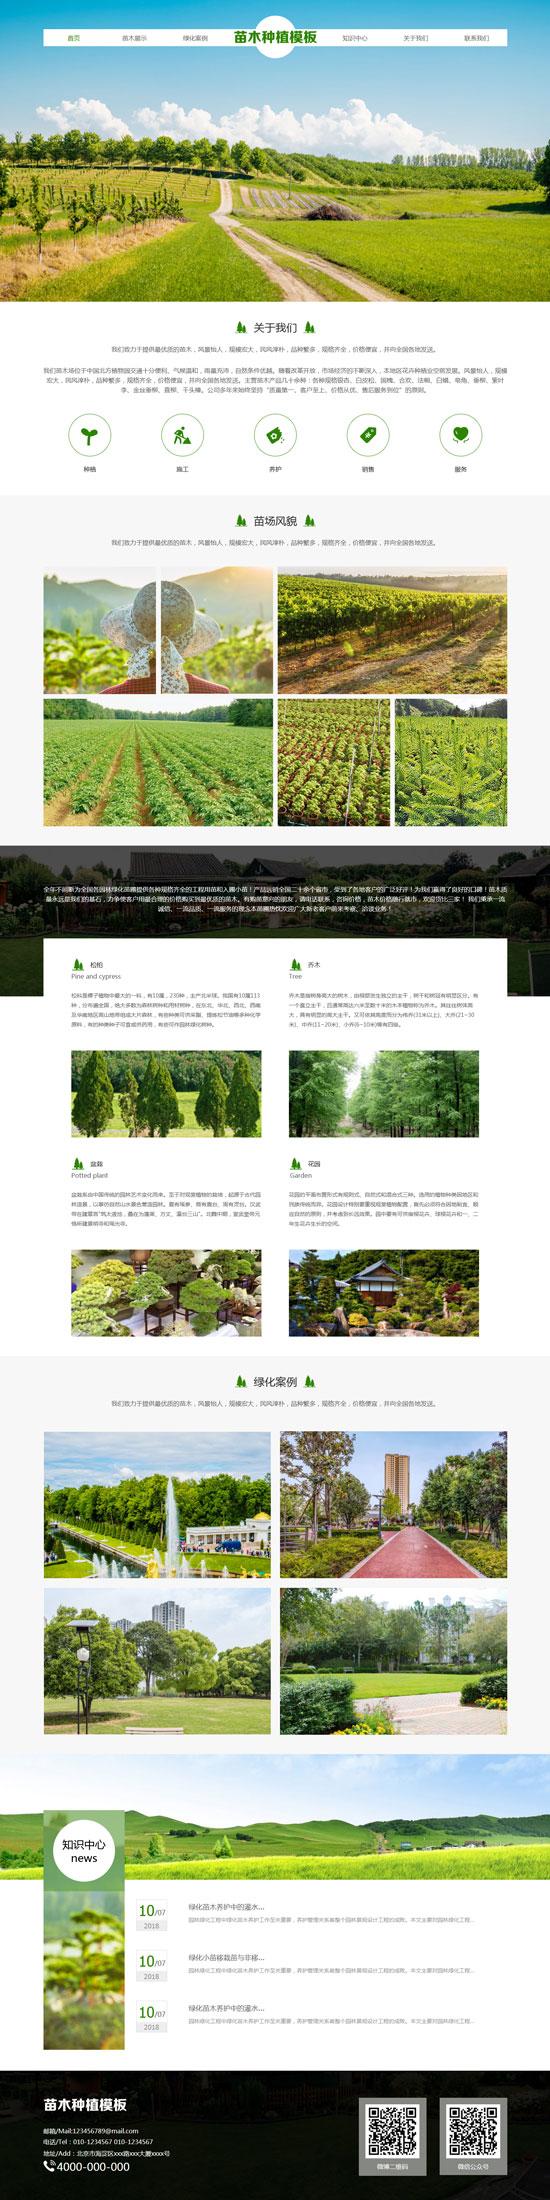 苗木种植展示模板